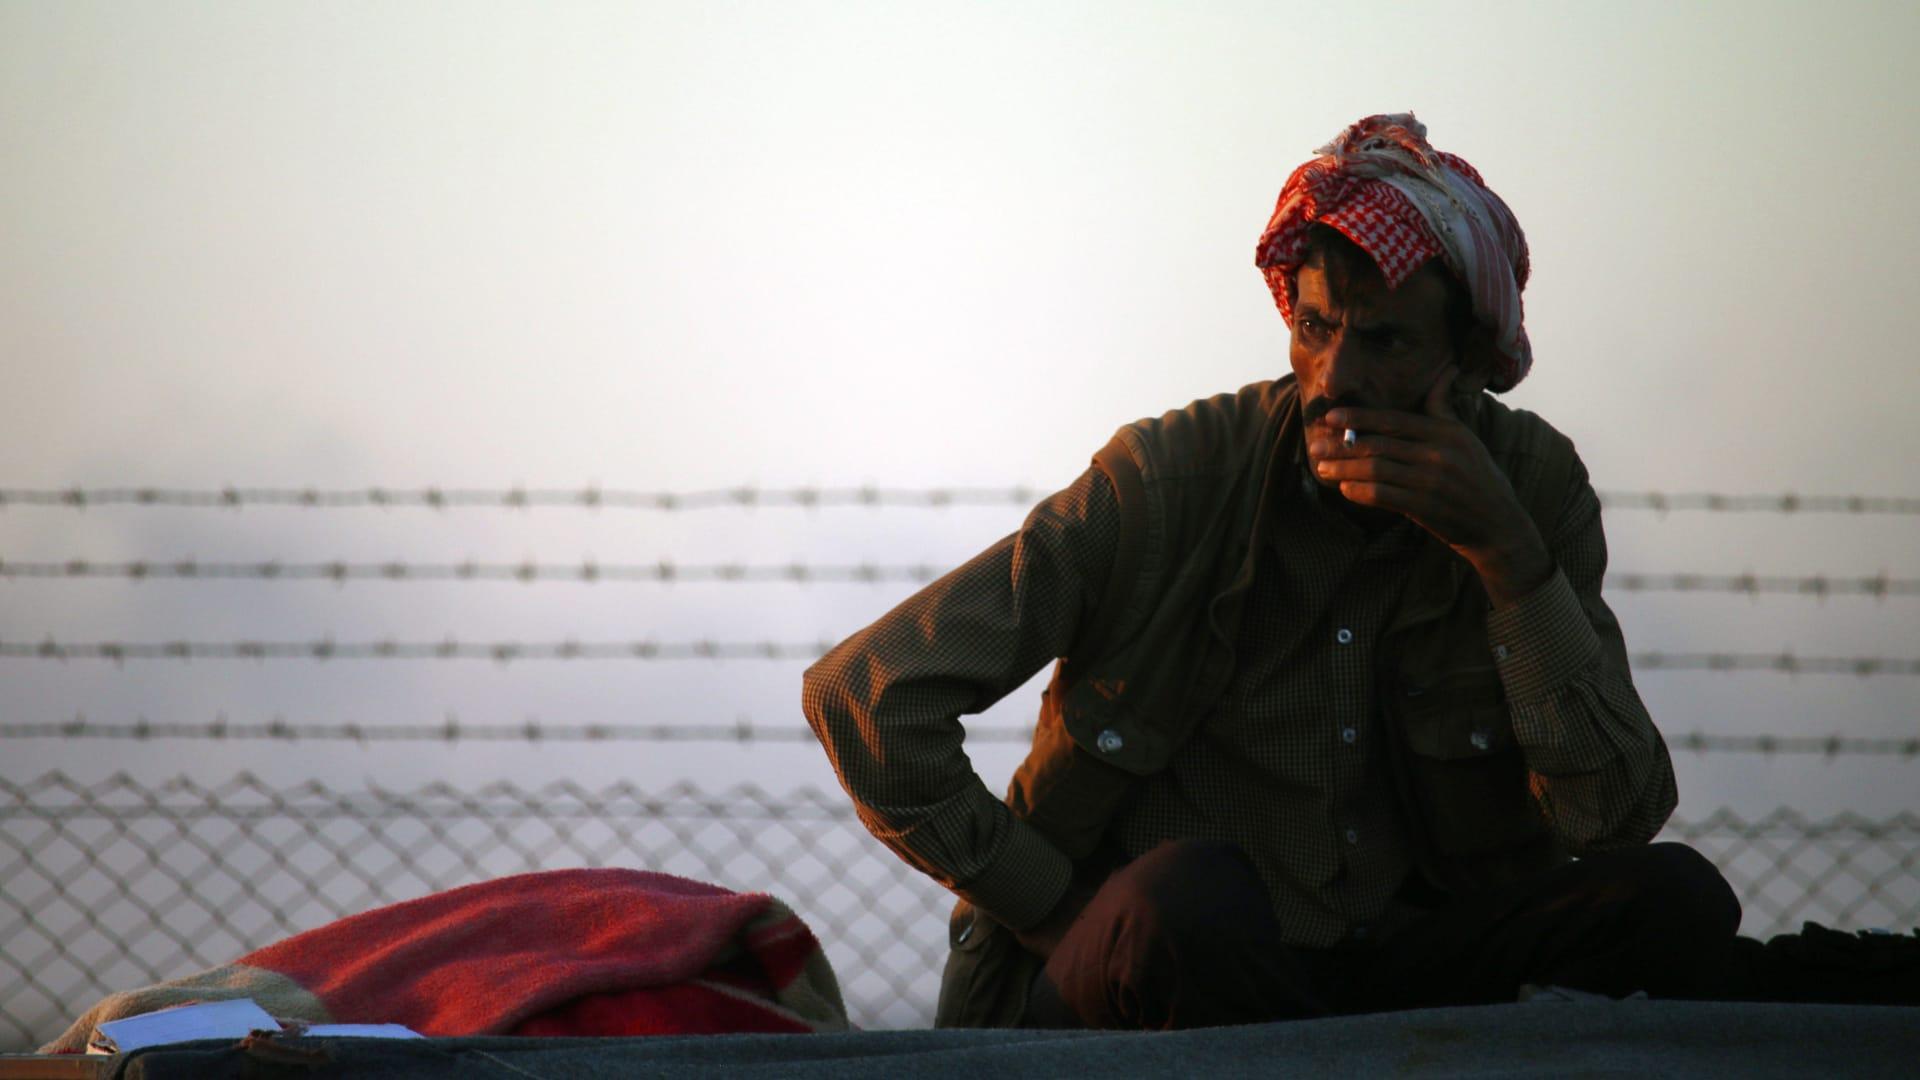 الحكومة الأردنية: قضية تصنيع الدخان ليست فردية.. ومحامي المشتبه به: قرار عودته بيده